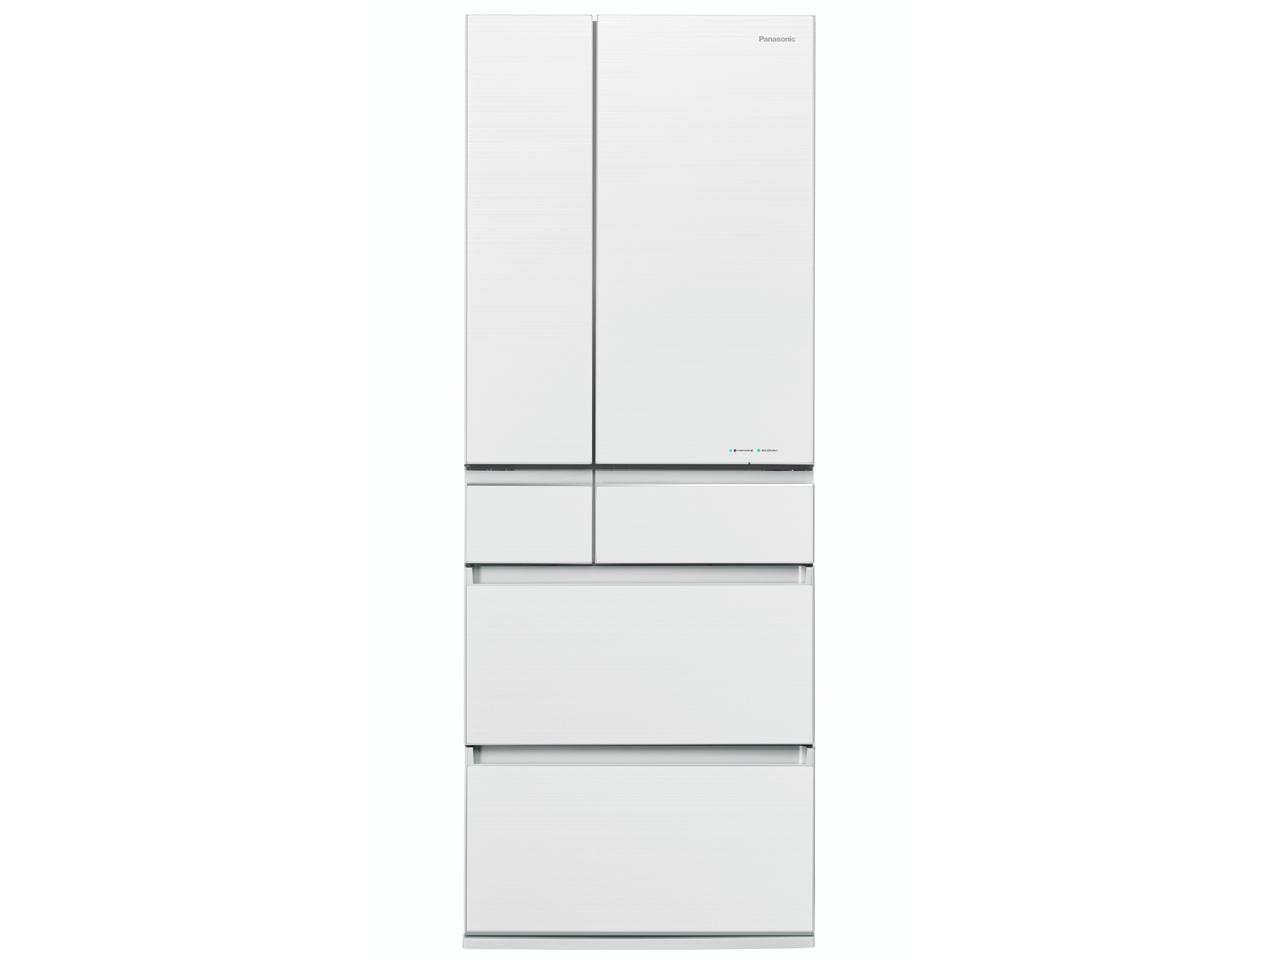 NR-F604HPX-W [マチュアホワイト] の製品画像